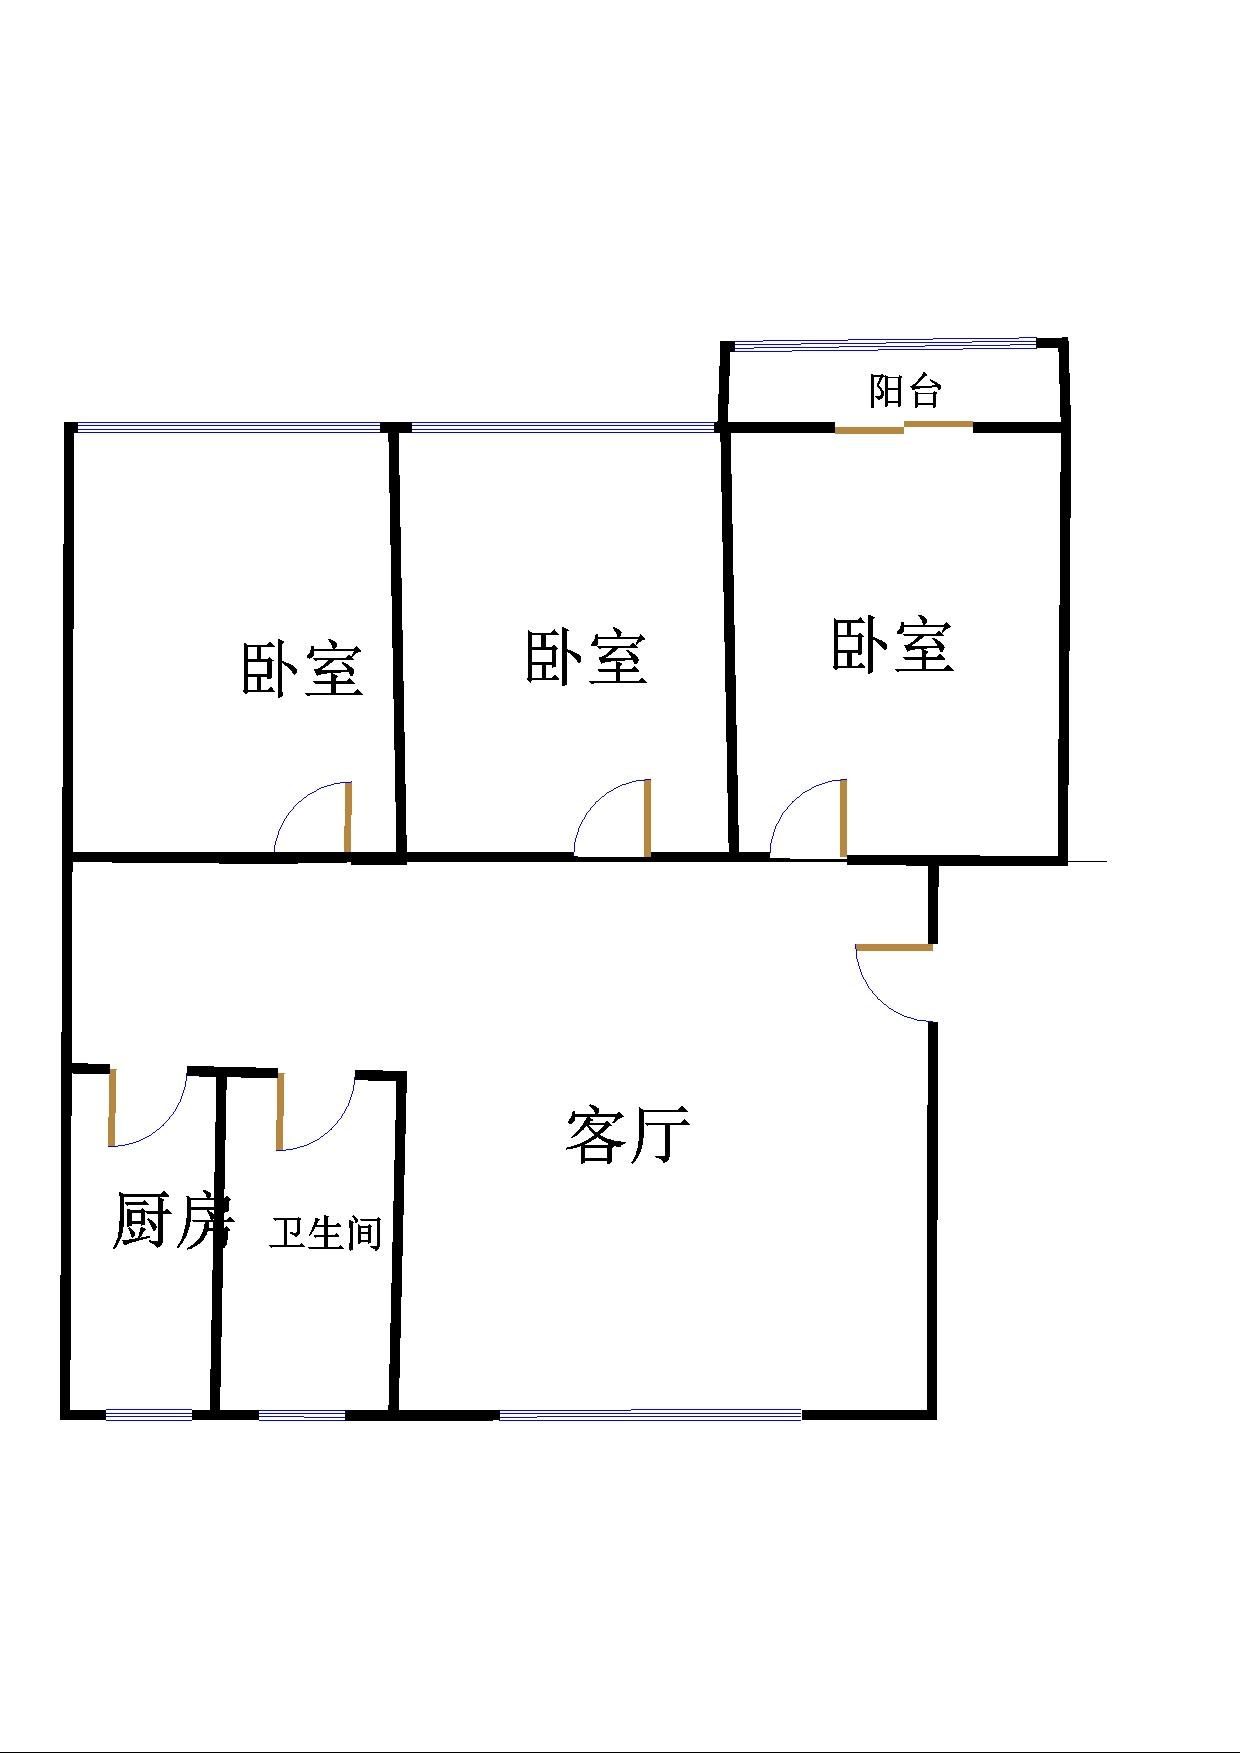 盛和景园 3室2厅 1楼